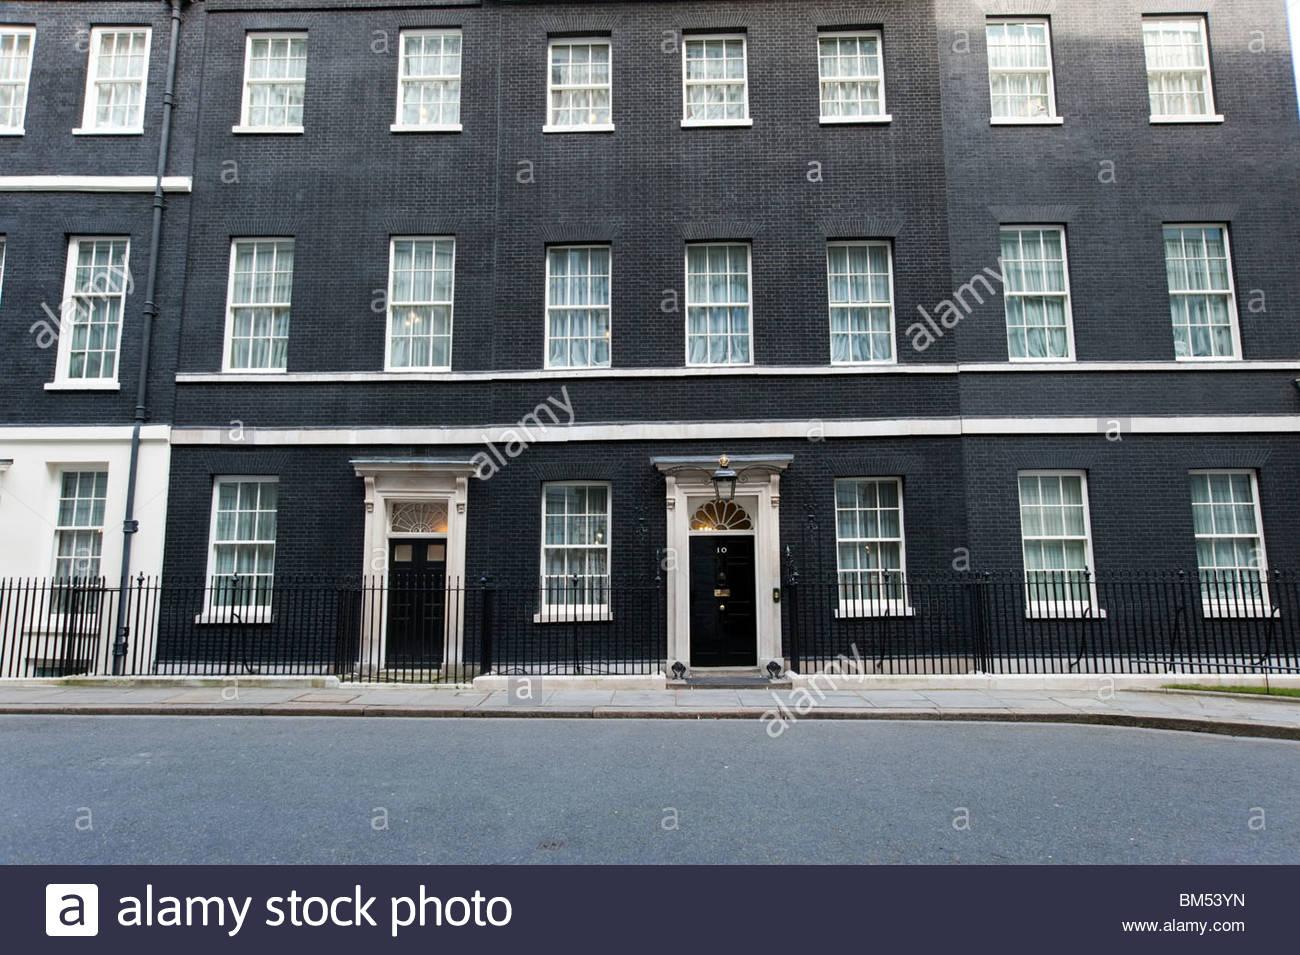 10 Downing Street, London, England, UK - Stock Image